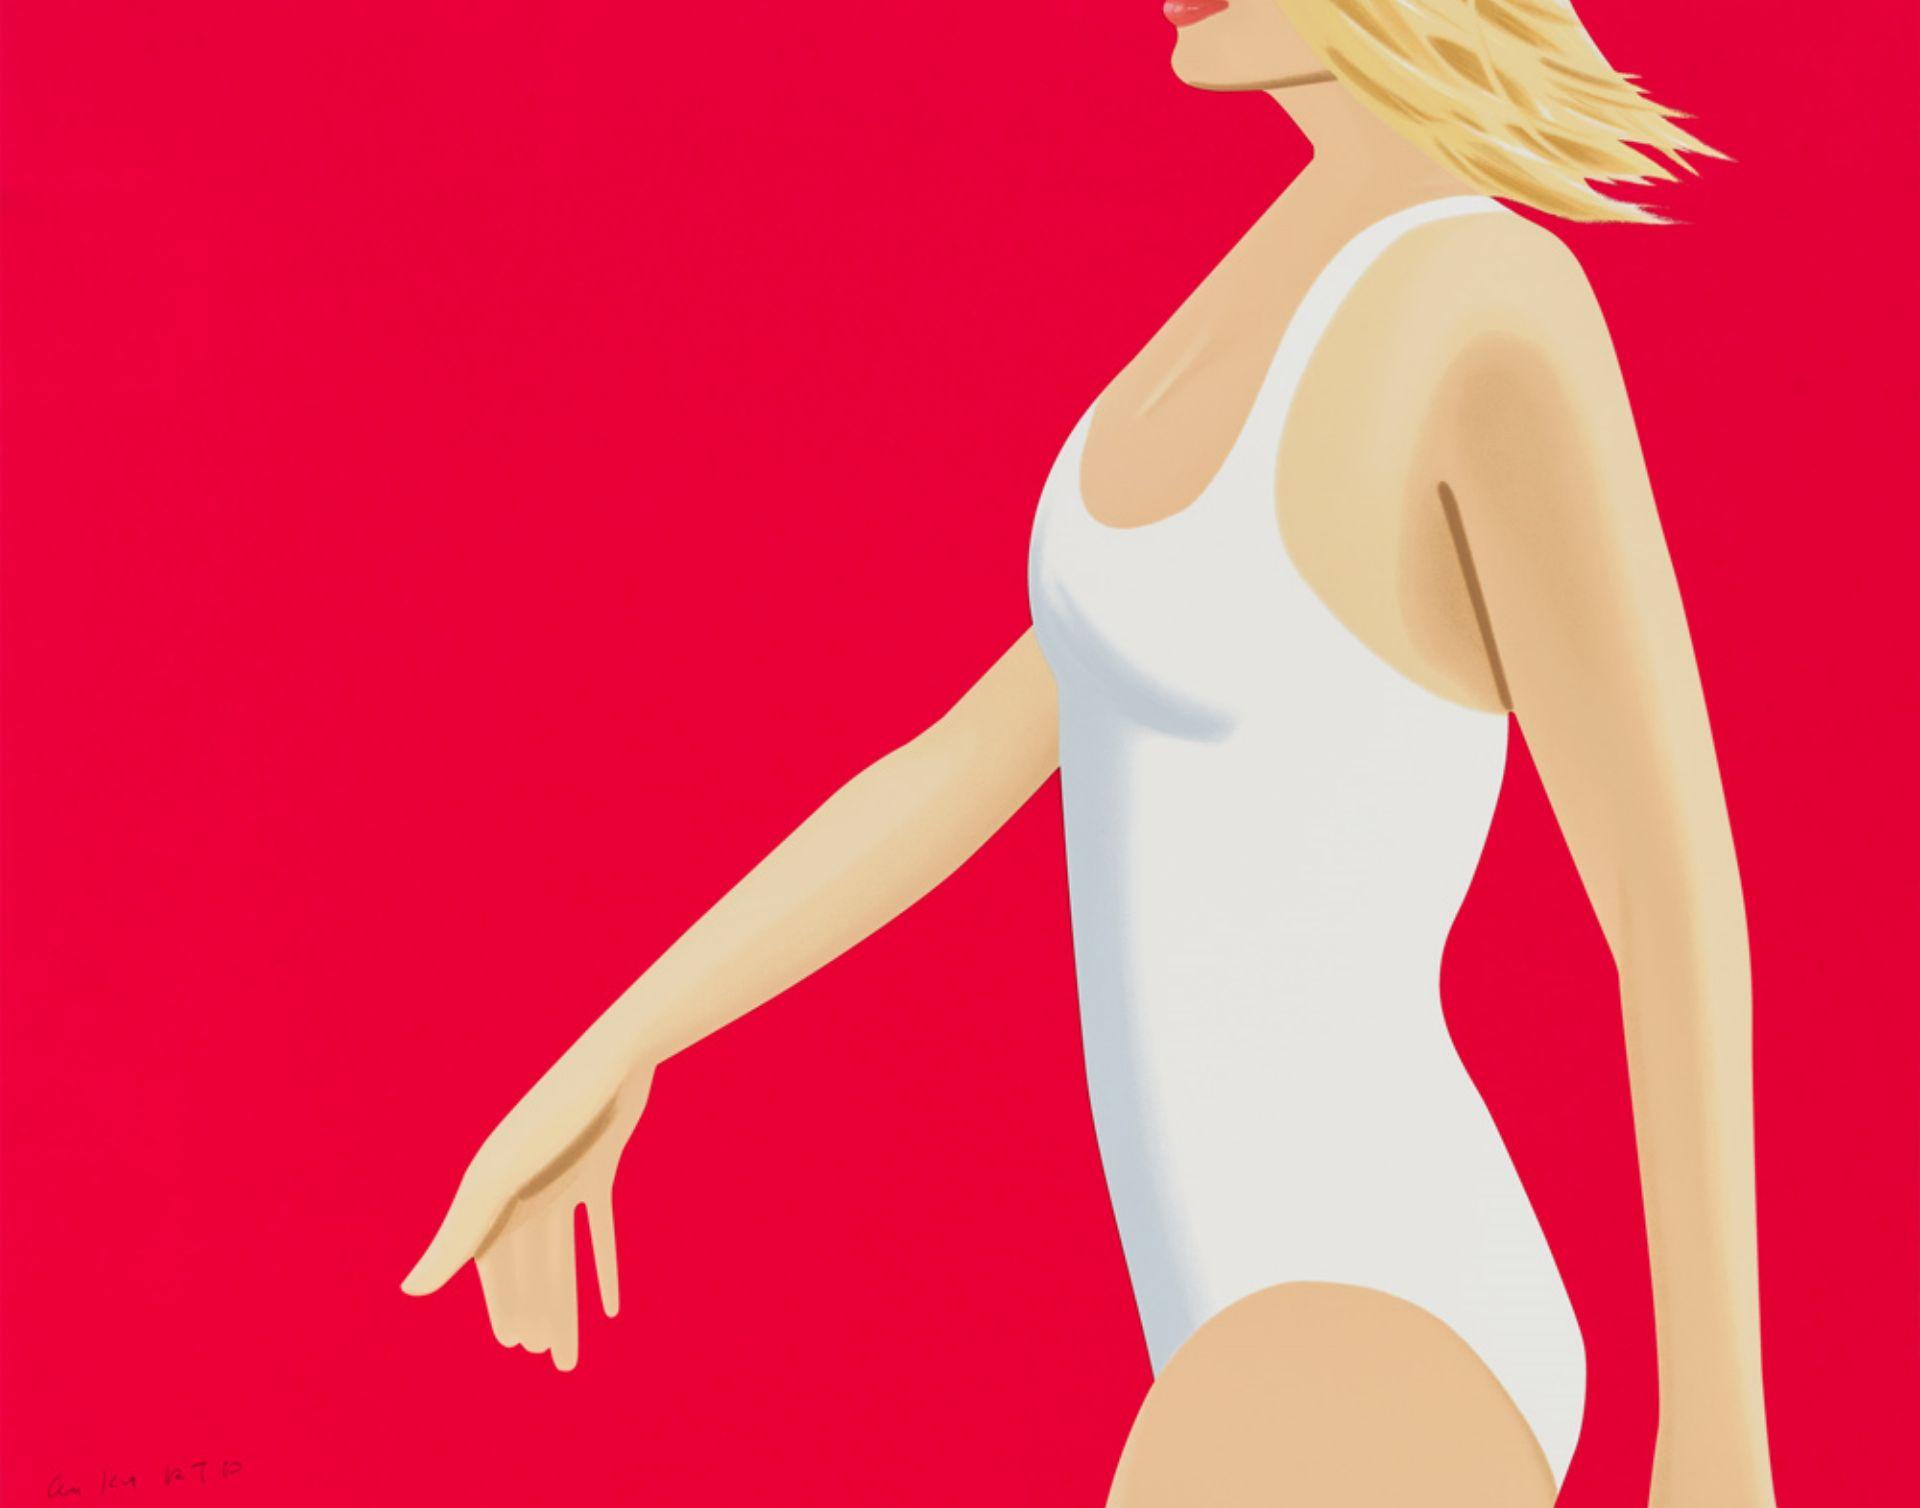 Kunstwerk Coca Cola Girl 1 des Künstlers Alex Katz kaufen